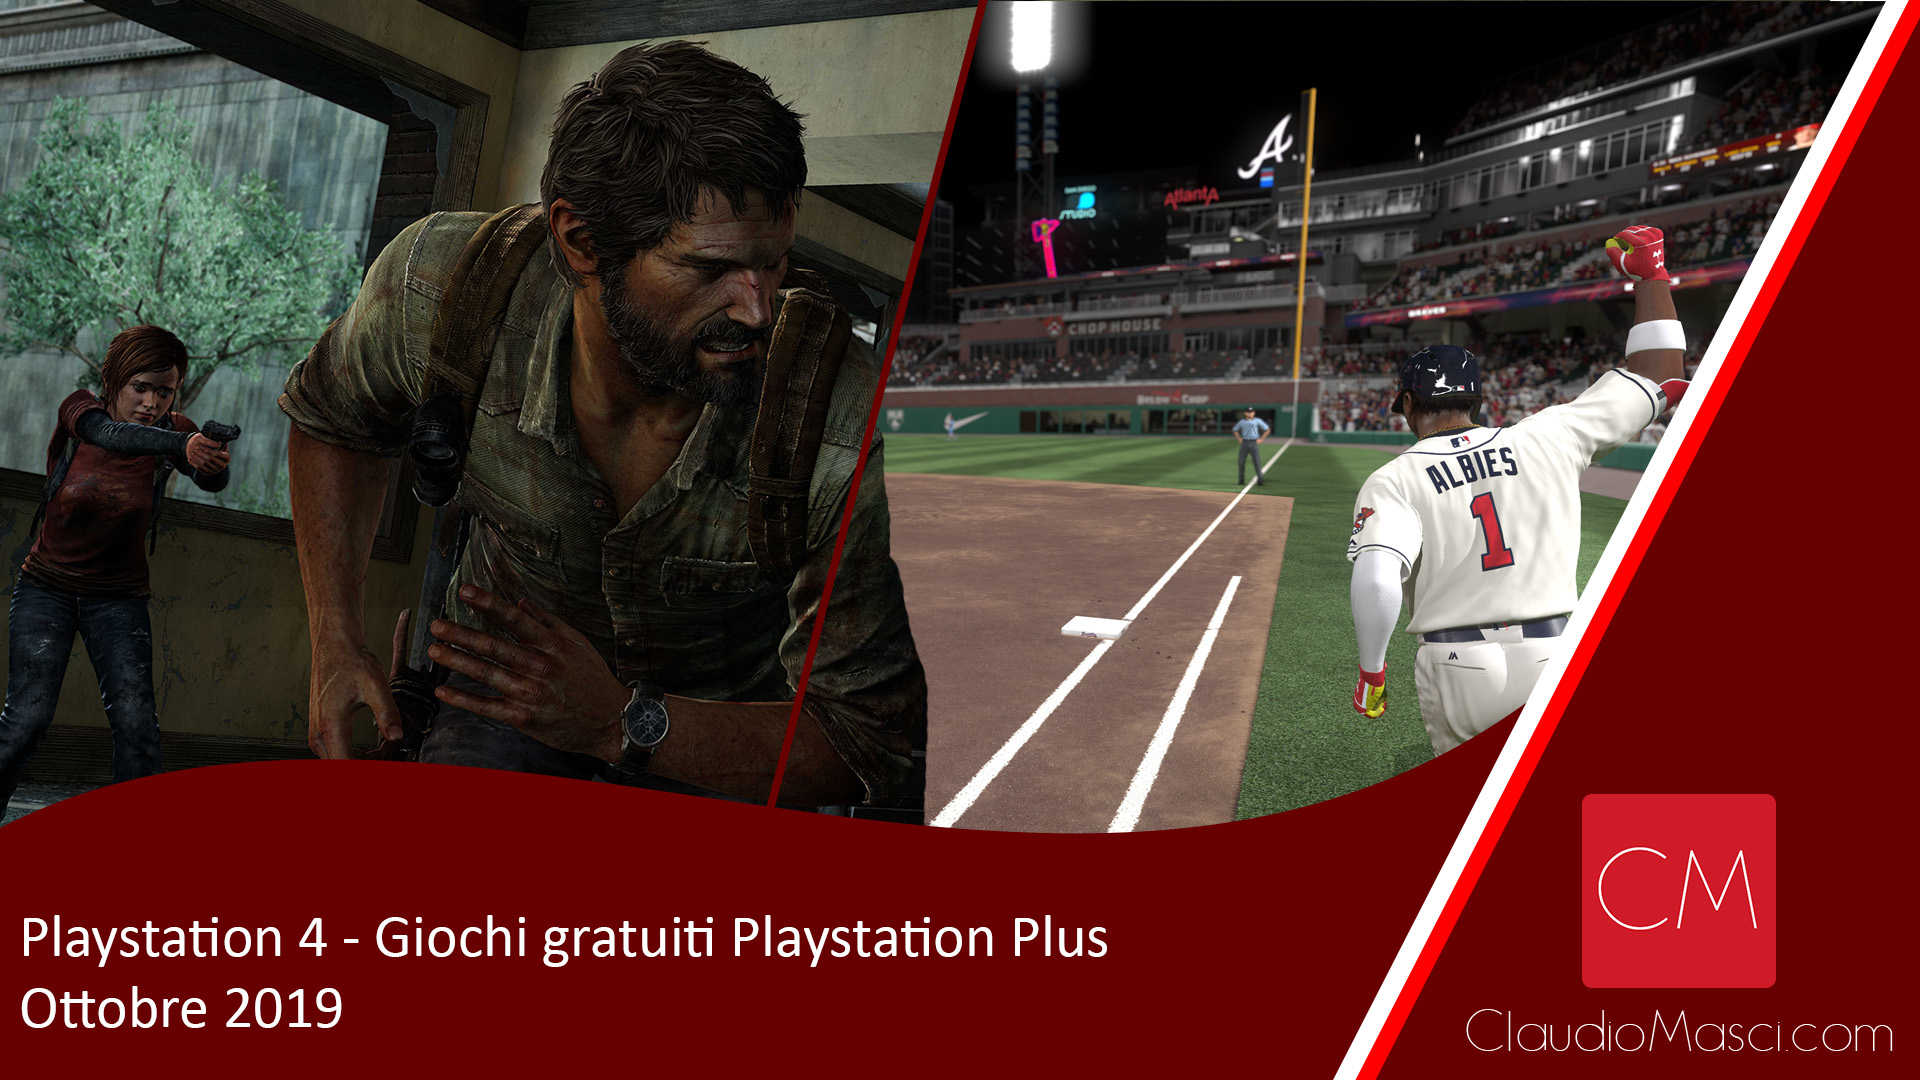 Playstation 4 – Giochi gratuiti Playstation Plus Ottobre 2019